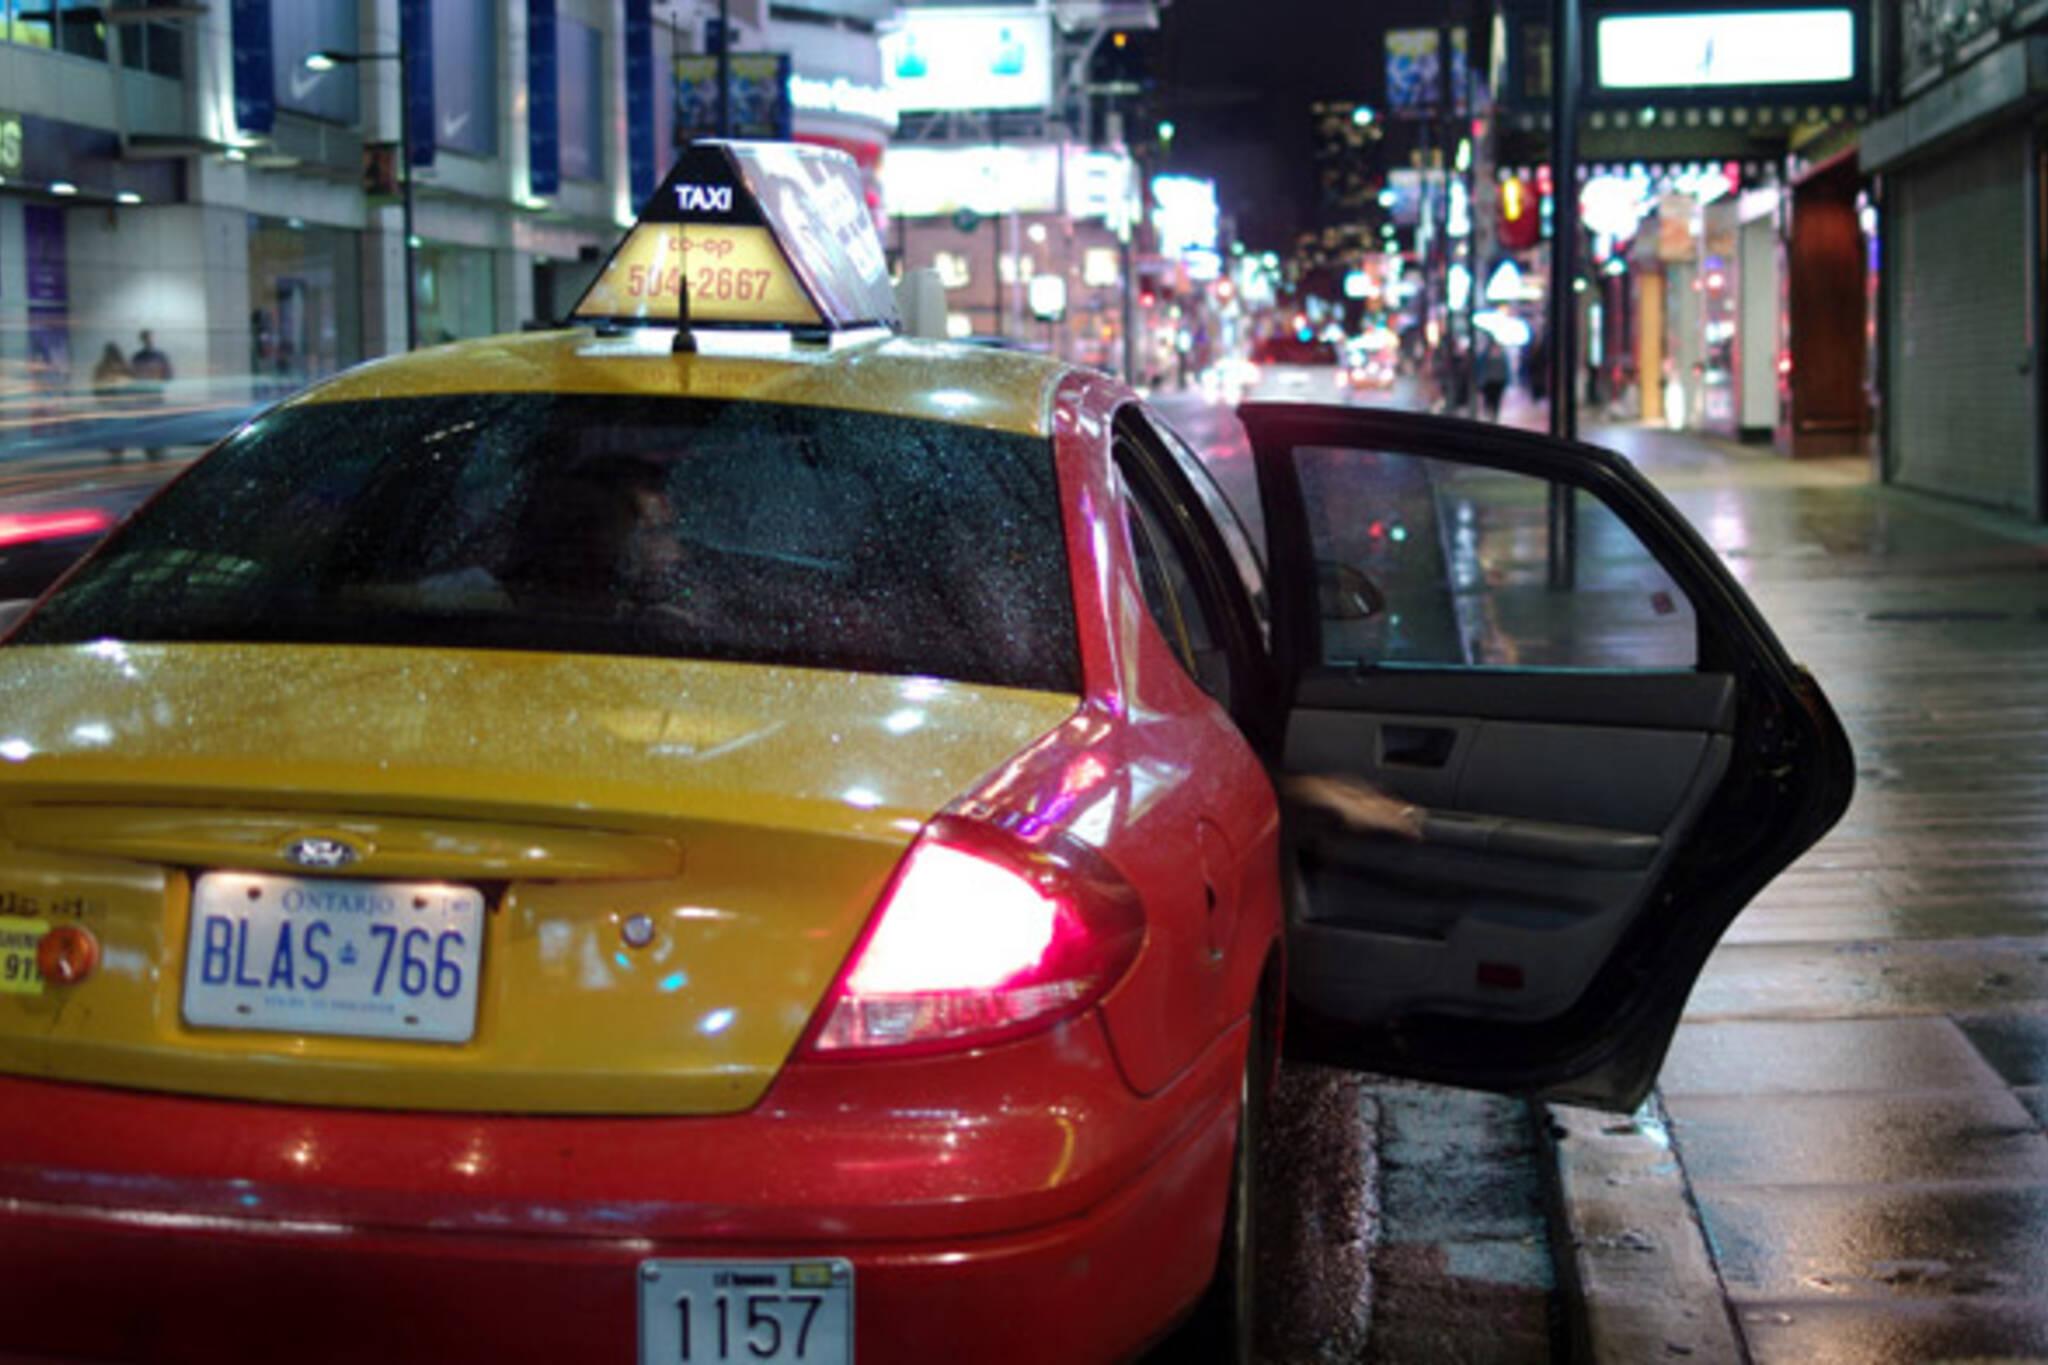 Toronto Taxi